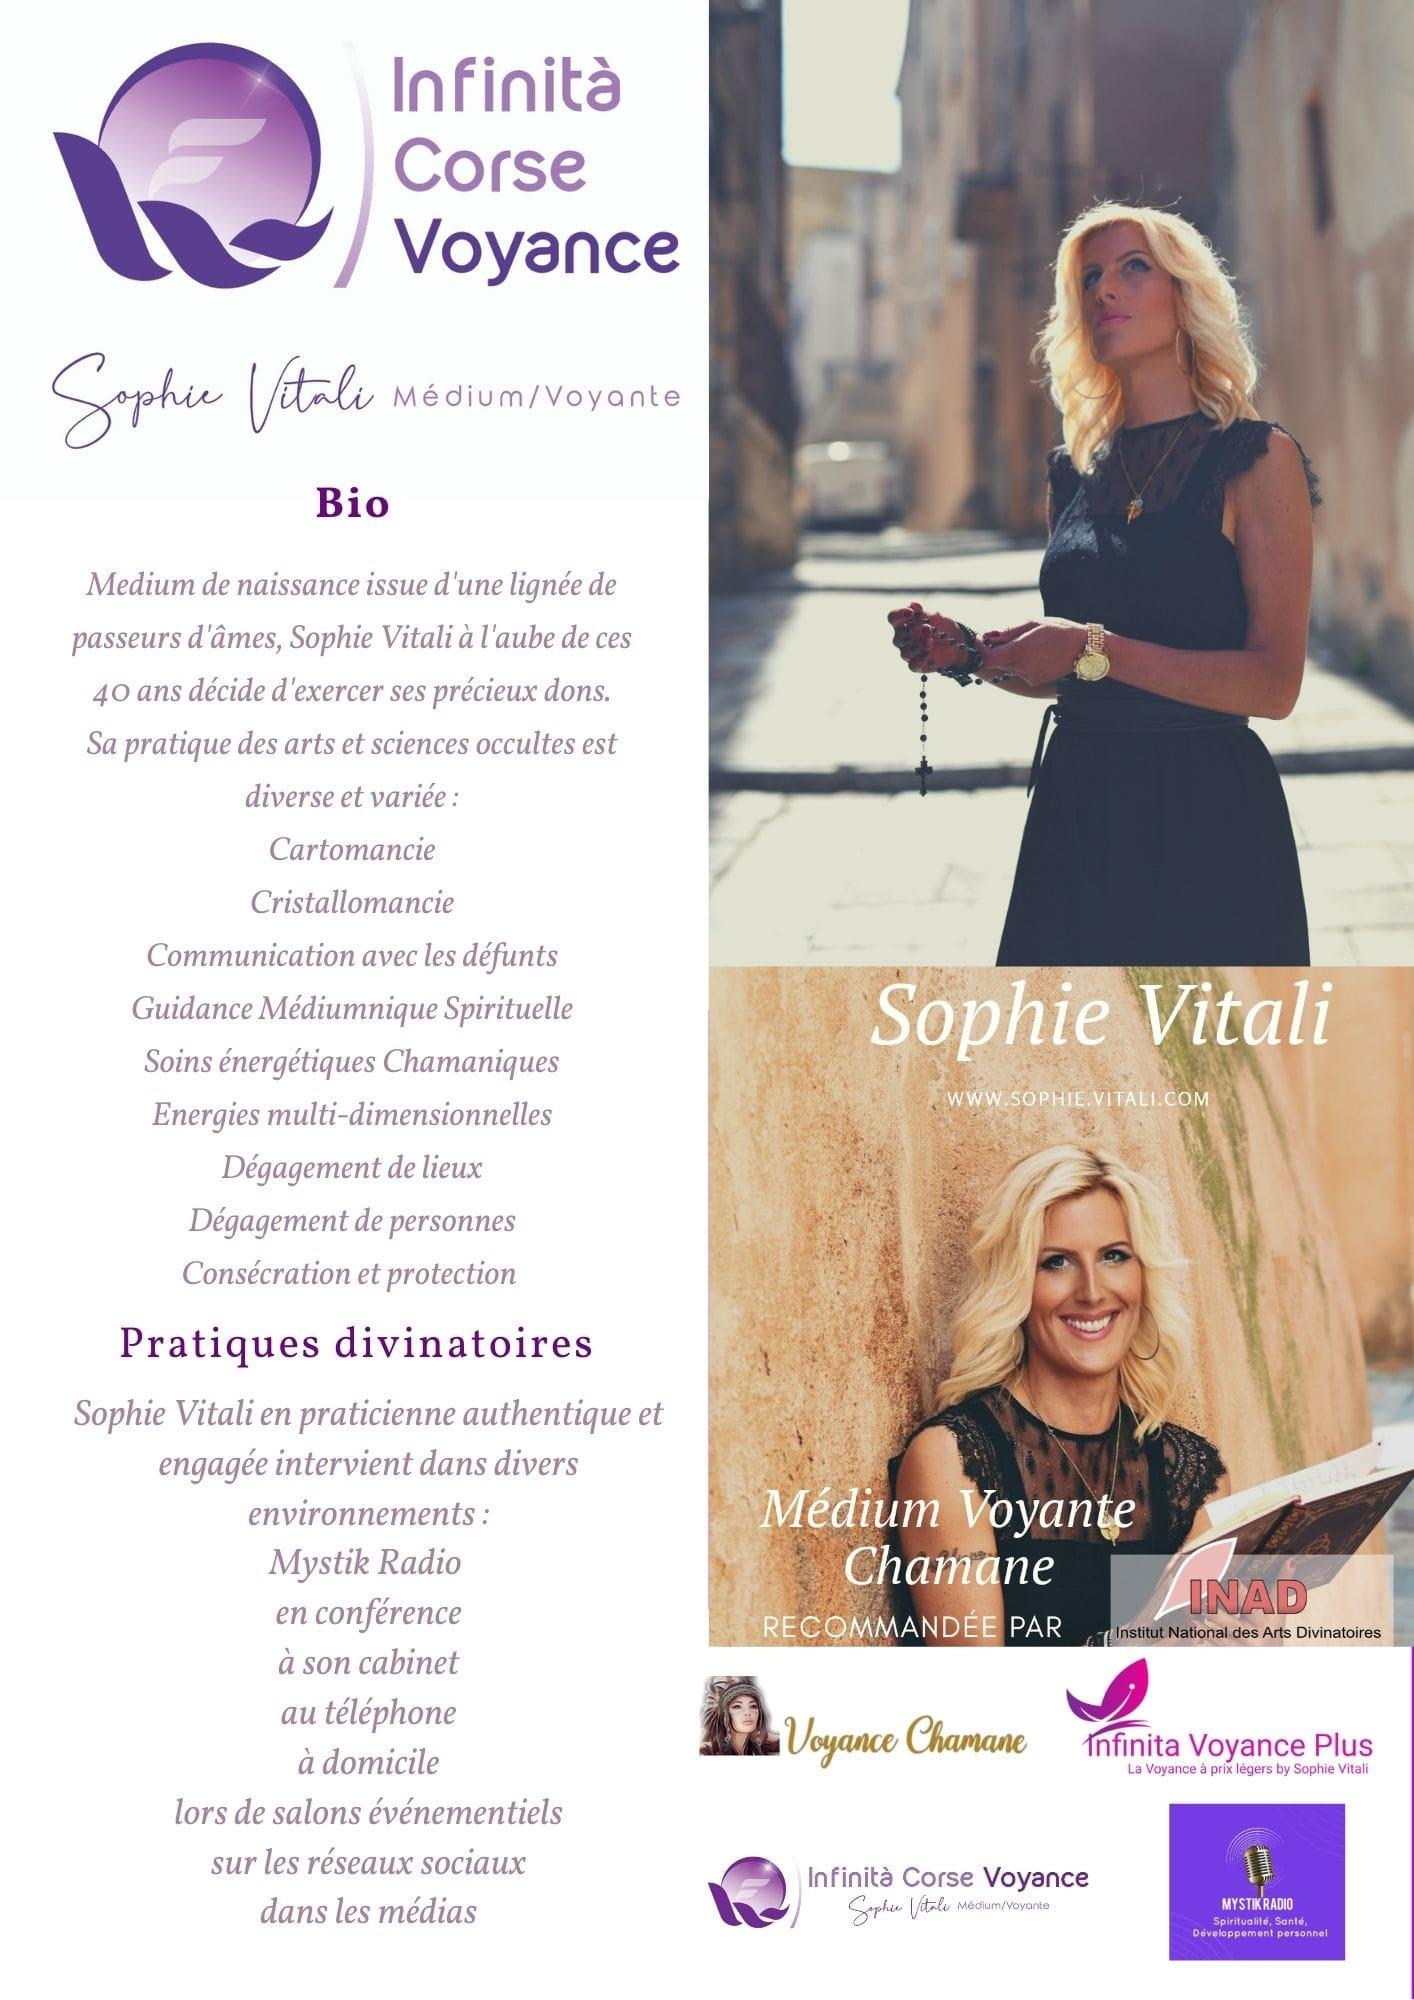 Le cabinet de voyance en Corse de Sophie Vitali médium et voyante